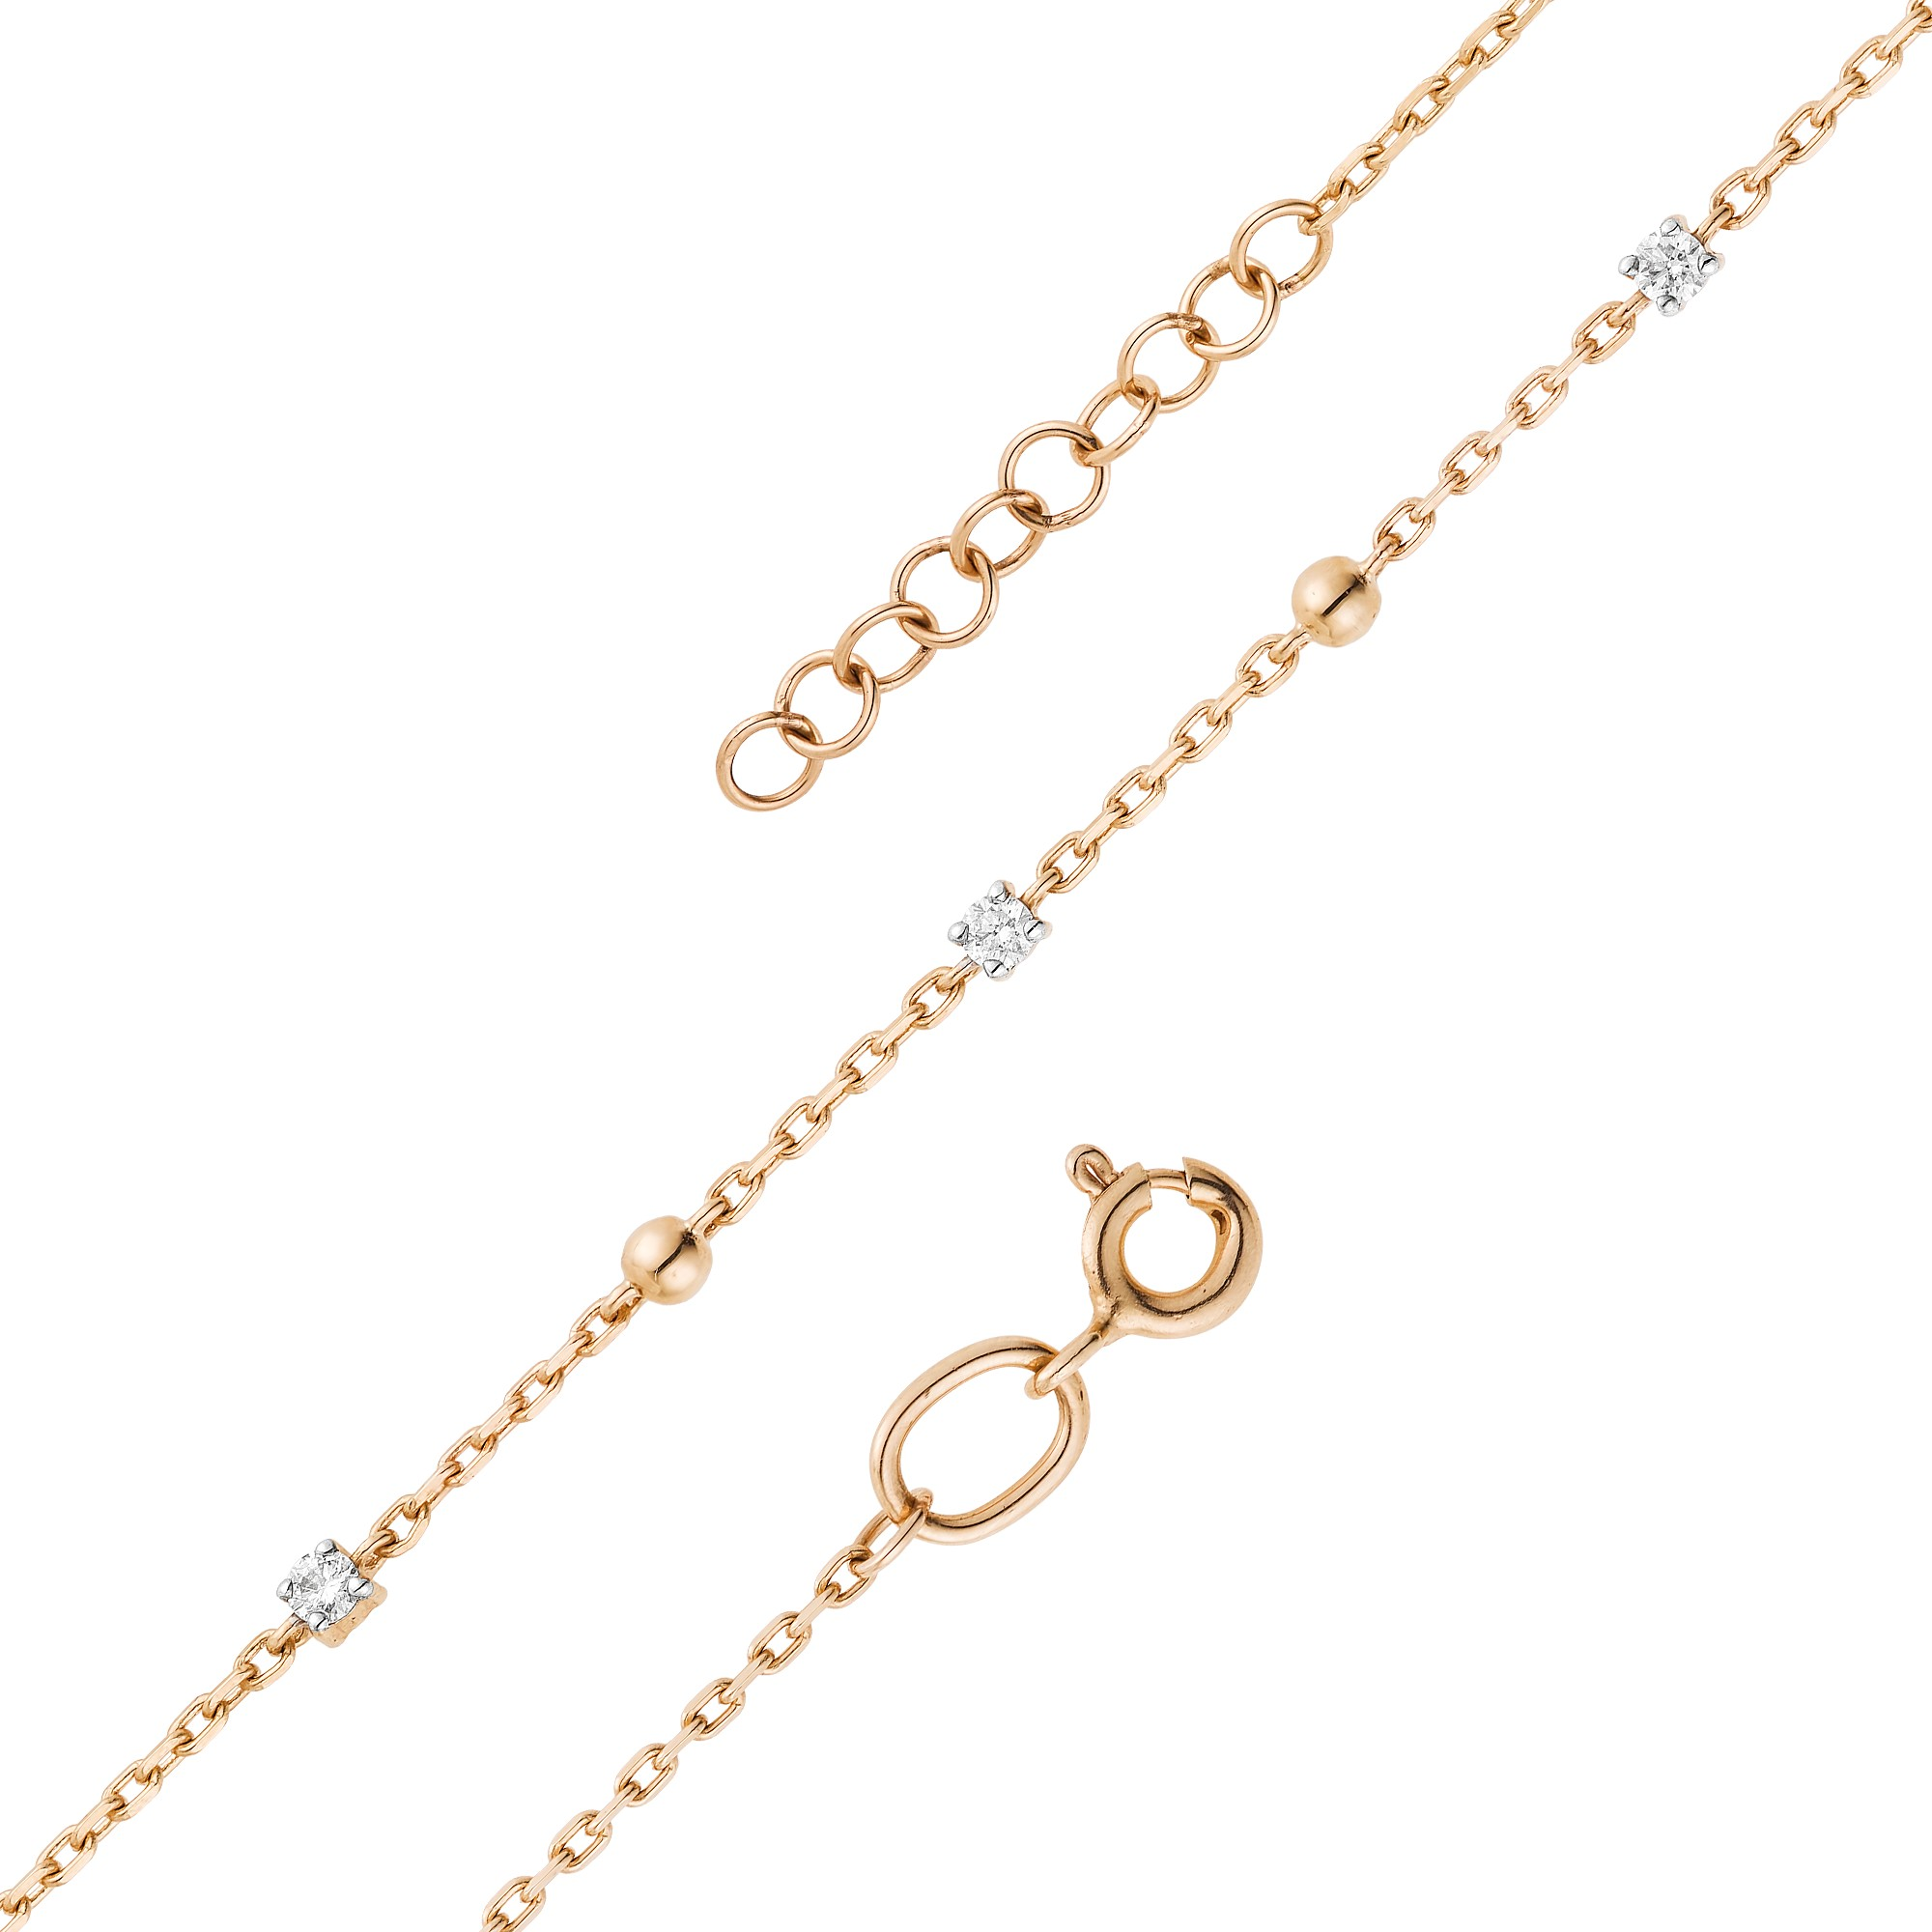 Браслет женский АЛЬКОР 53192-100 из золота, бриллиант, регулируемый